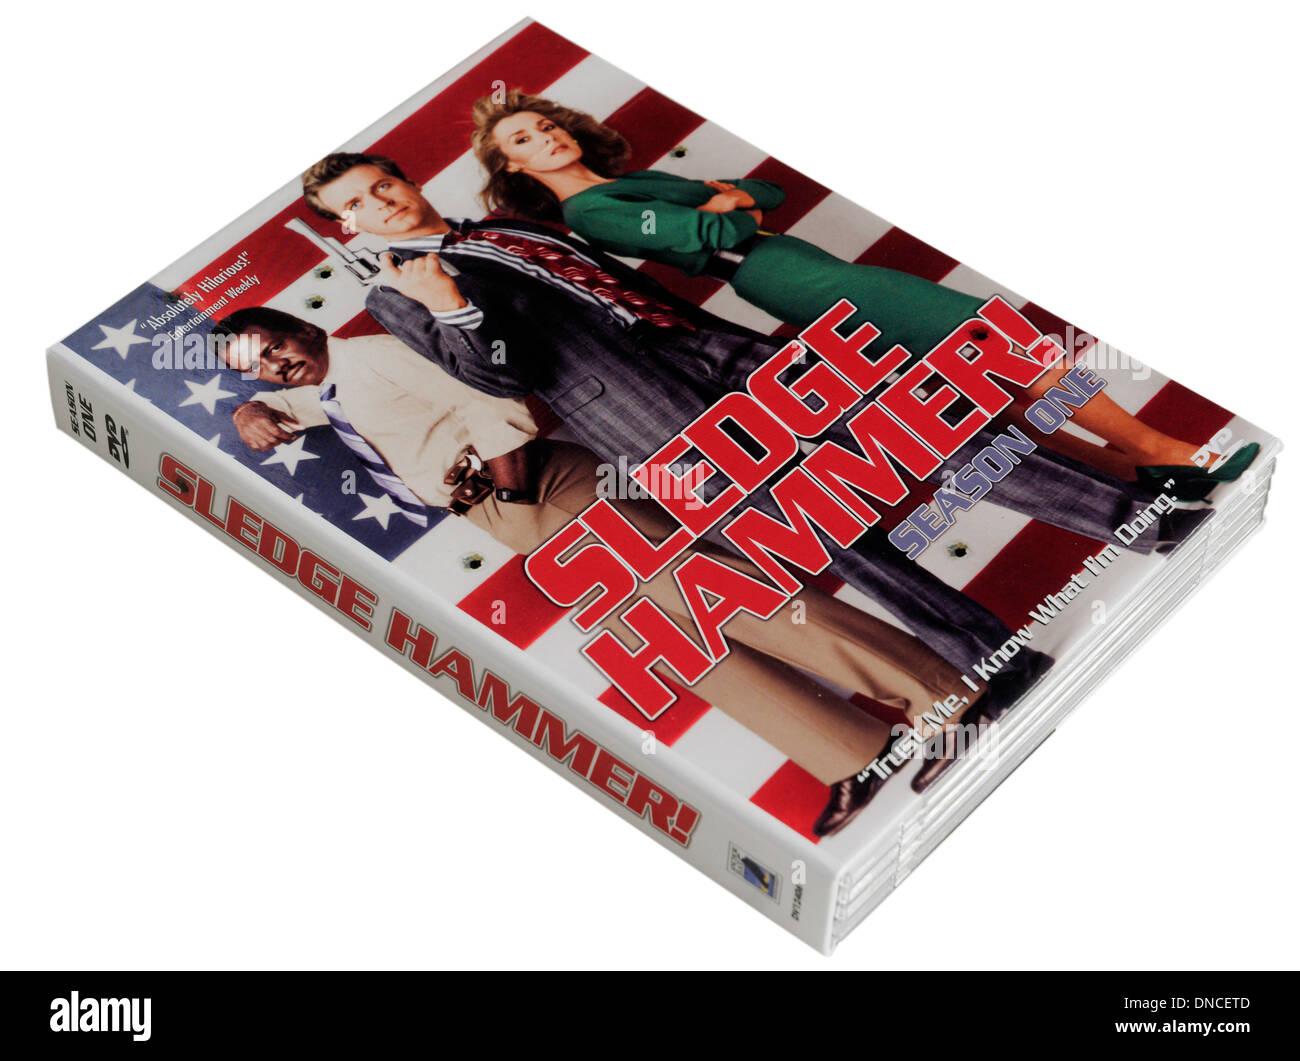 Sledge Hammer DVD - Stock Image